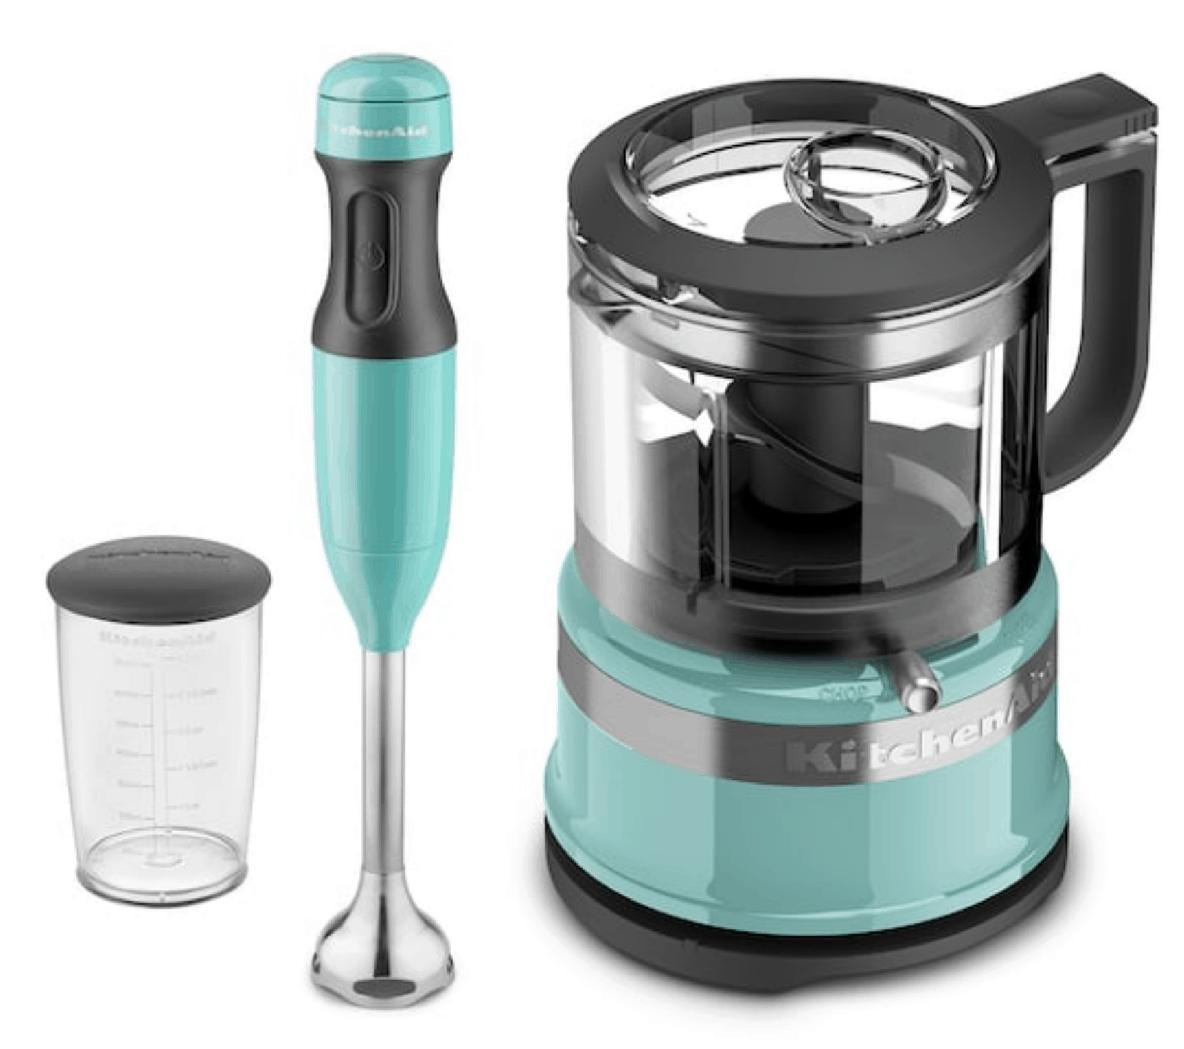 Kohl\'s | KitchenAid Mixers, Fiestaware, Yankee Candles, and More ...